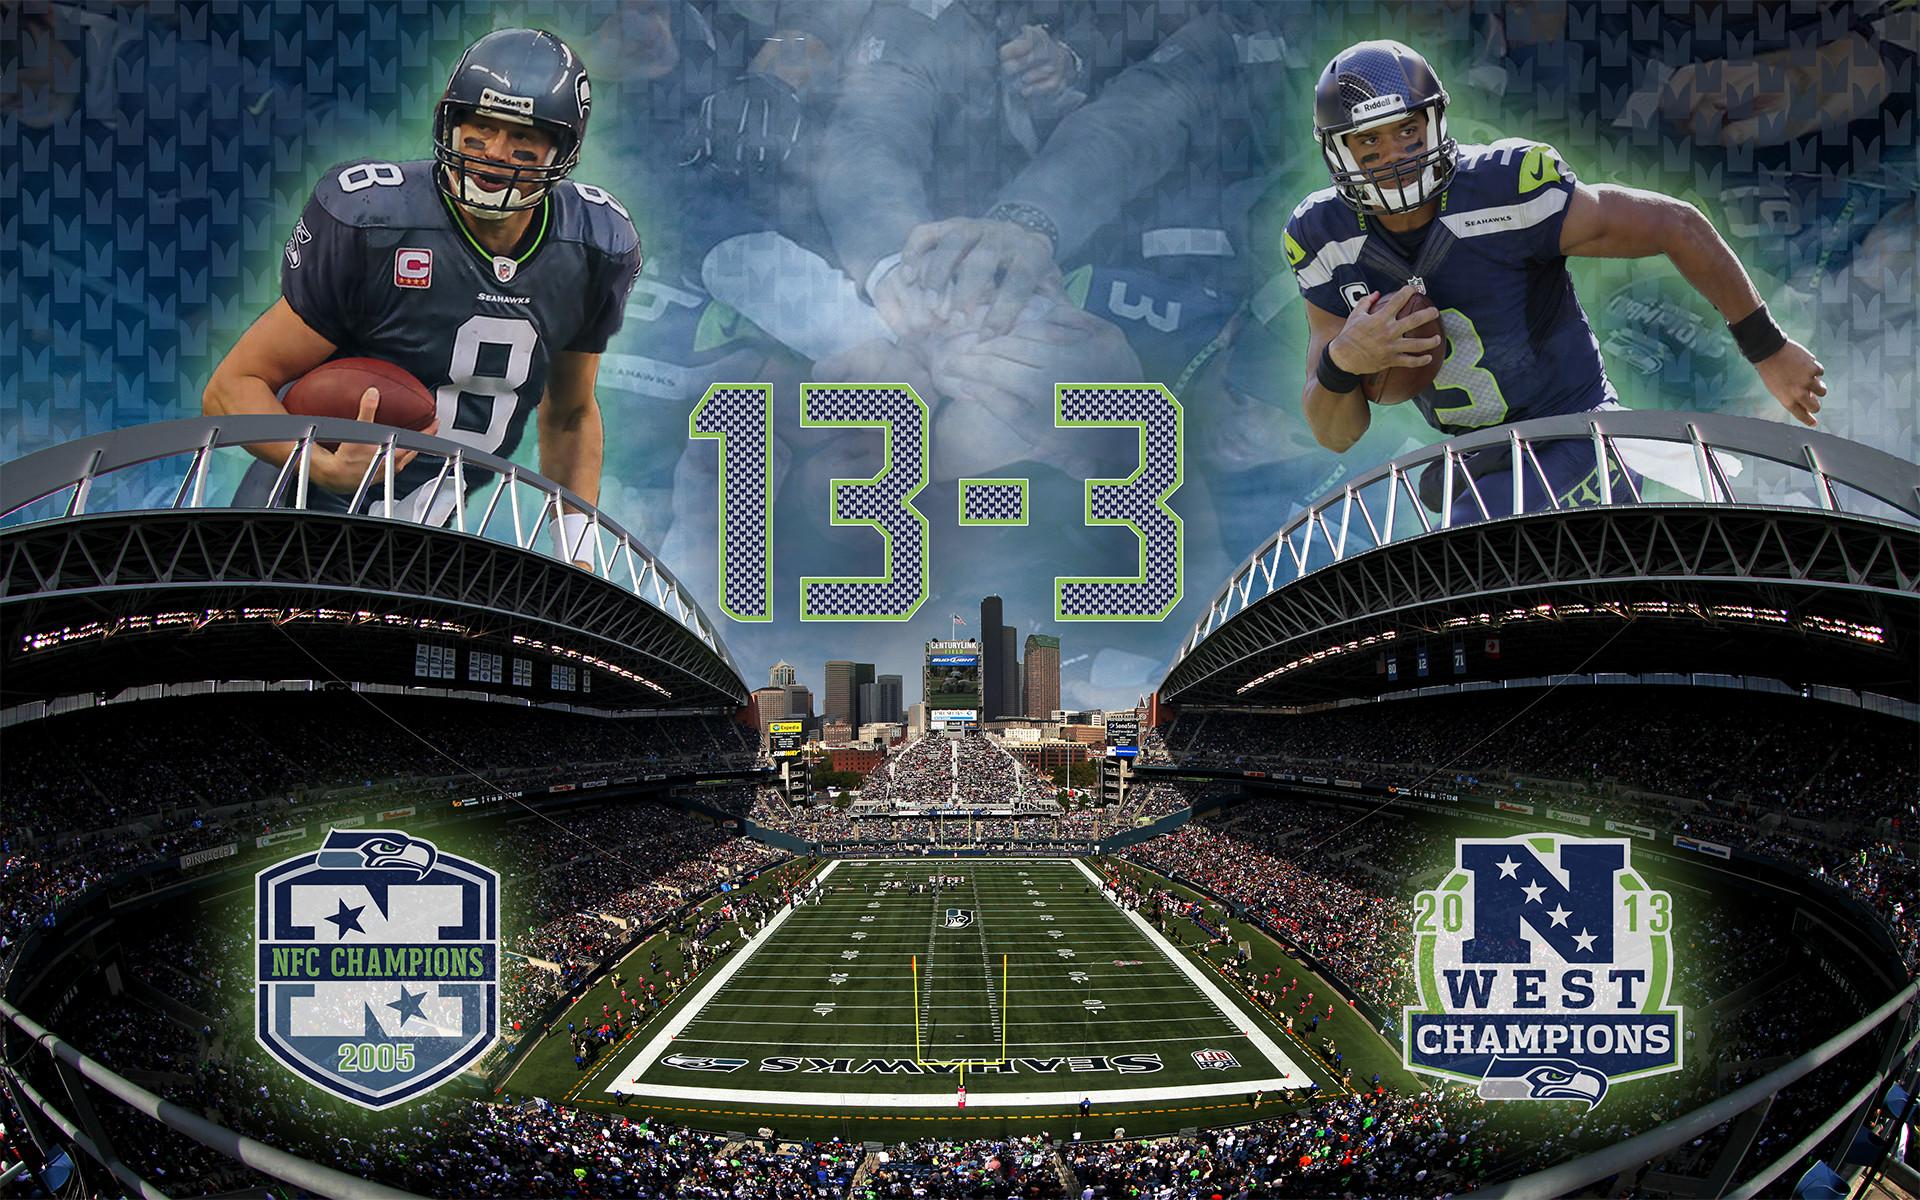 Seahawks 13-3 wallpaper : Seahawks